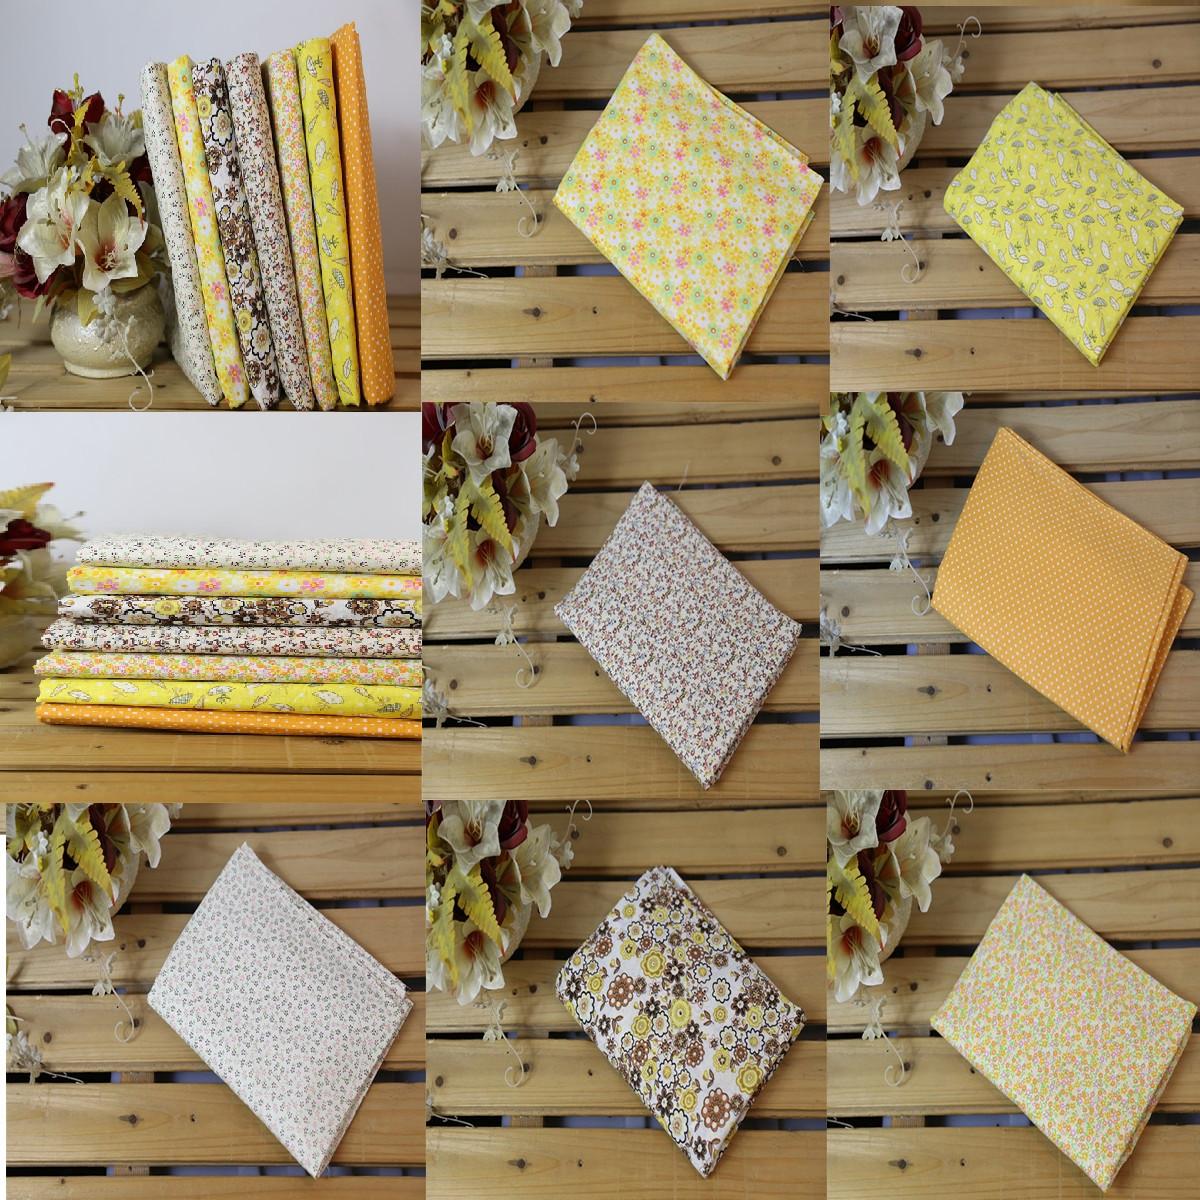 7pcs coton tissu patchwork coupons carreaux joli assorti diy couture 25x25cm - Tissus patchwork soldes ...